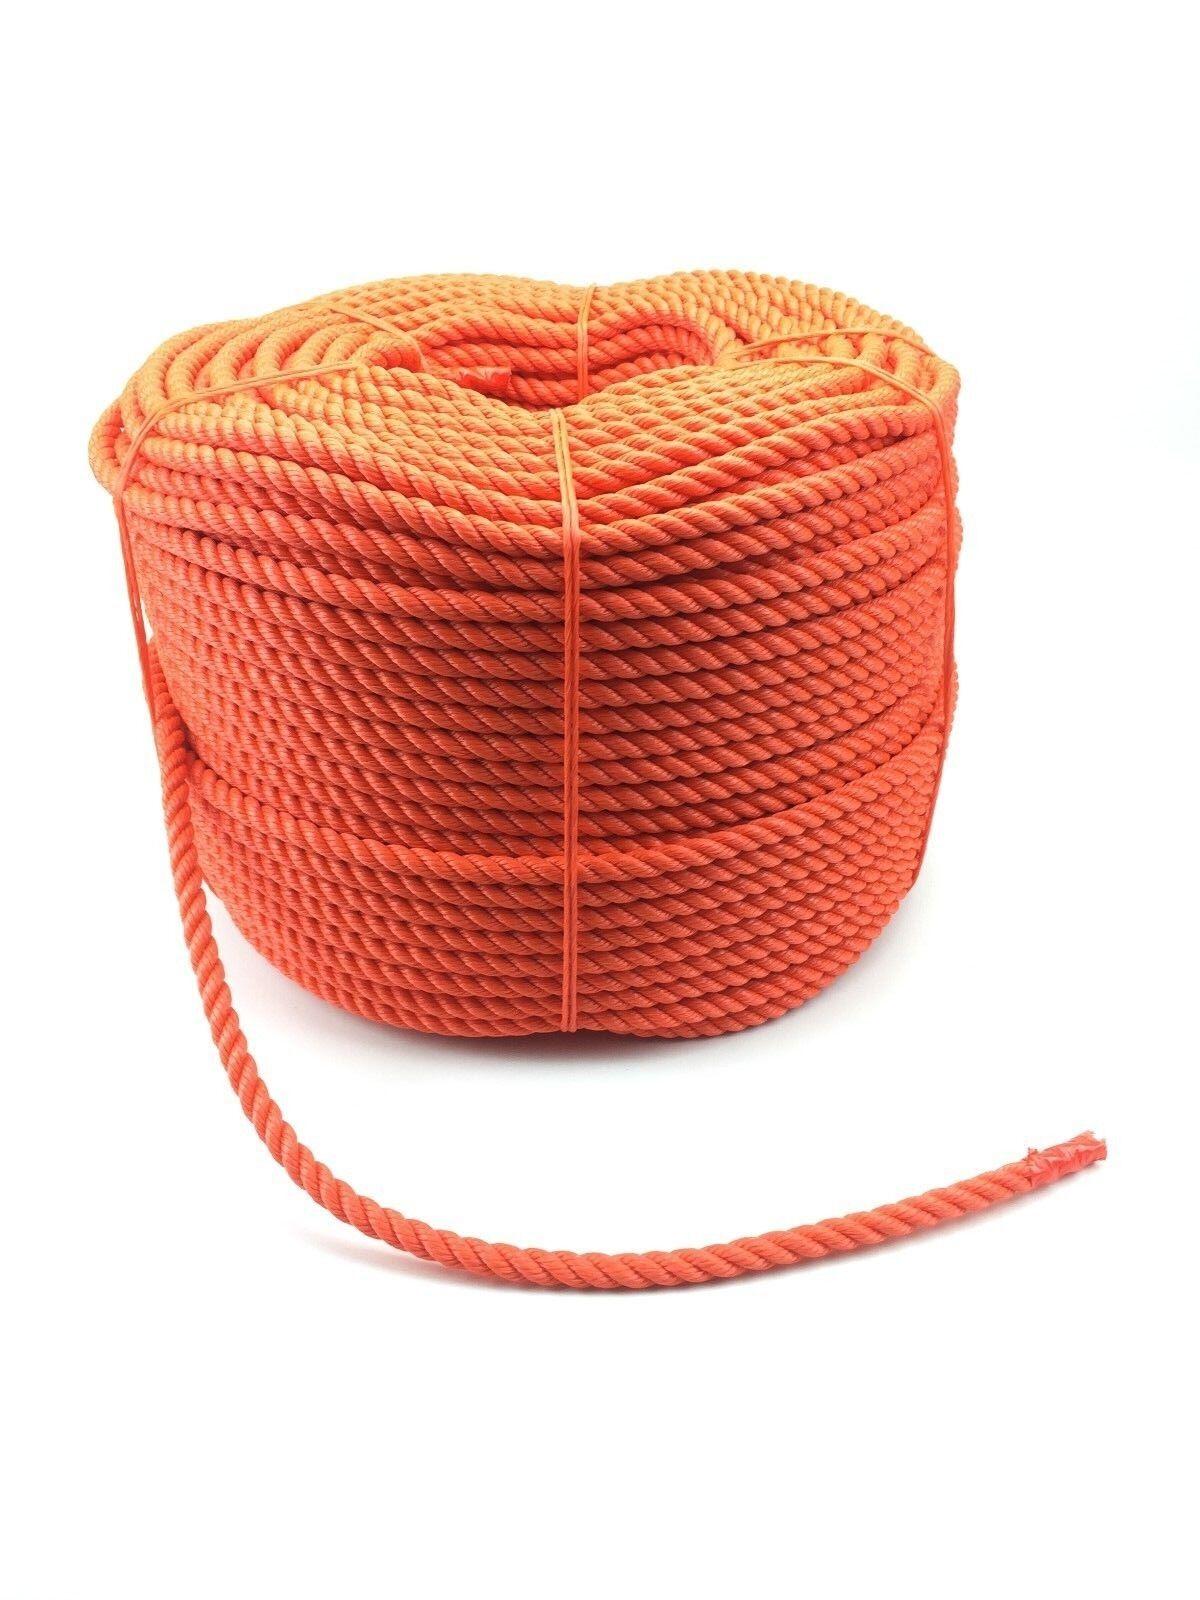 14mm x 25mts orange Polyethylene Rope Cord Floating Safety Life Line Buoy